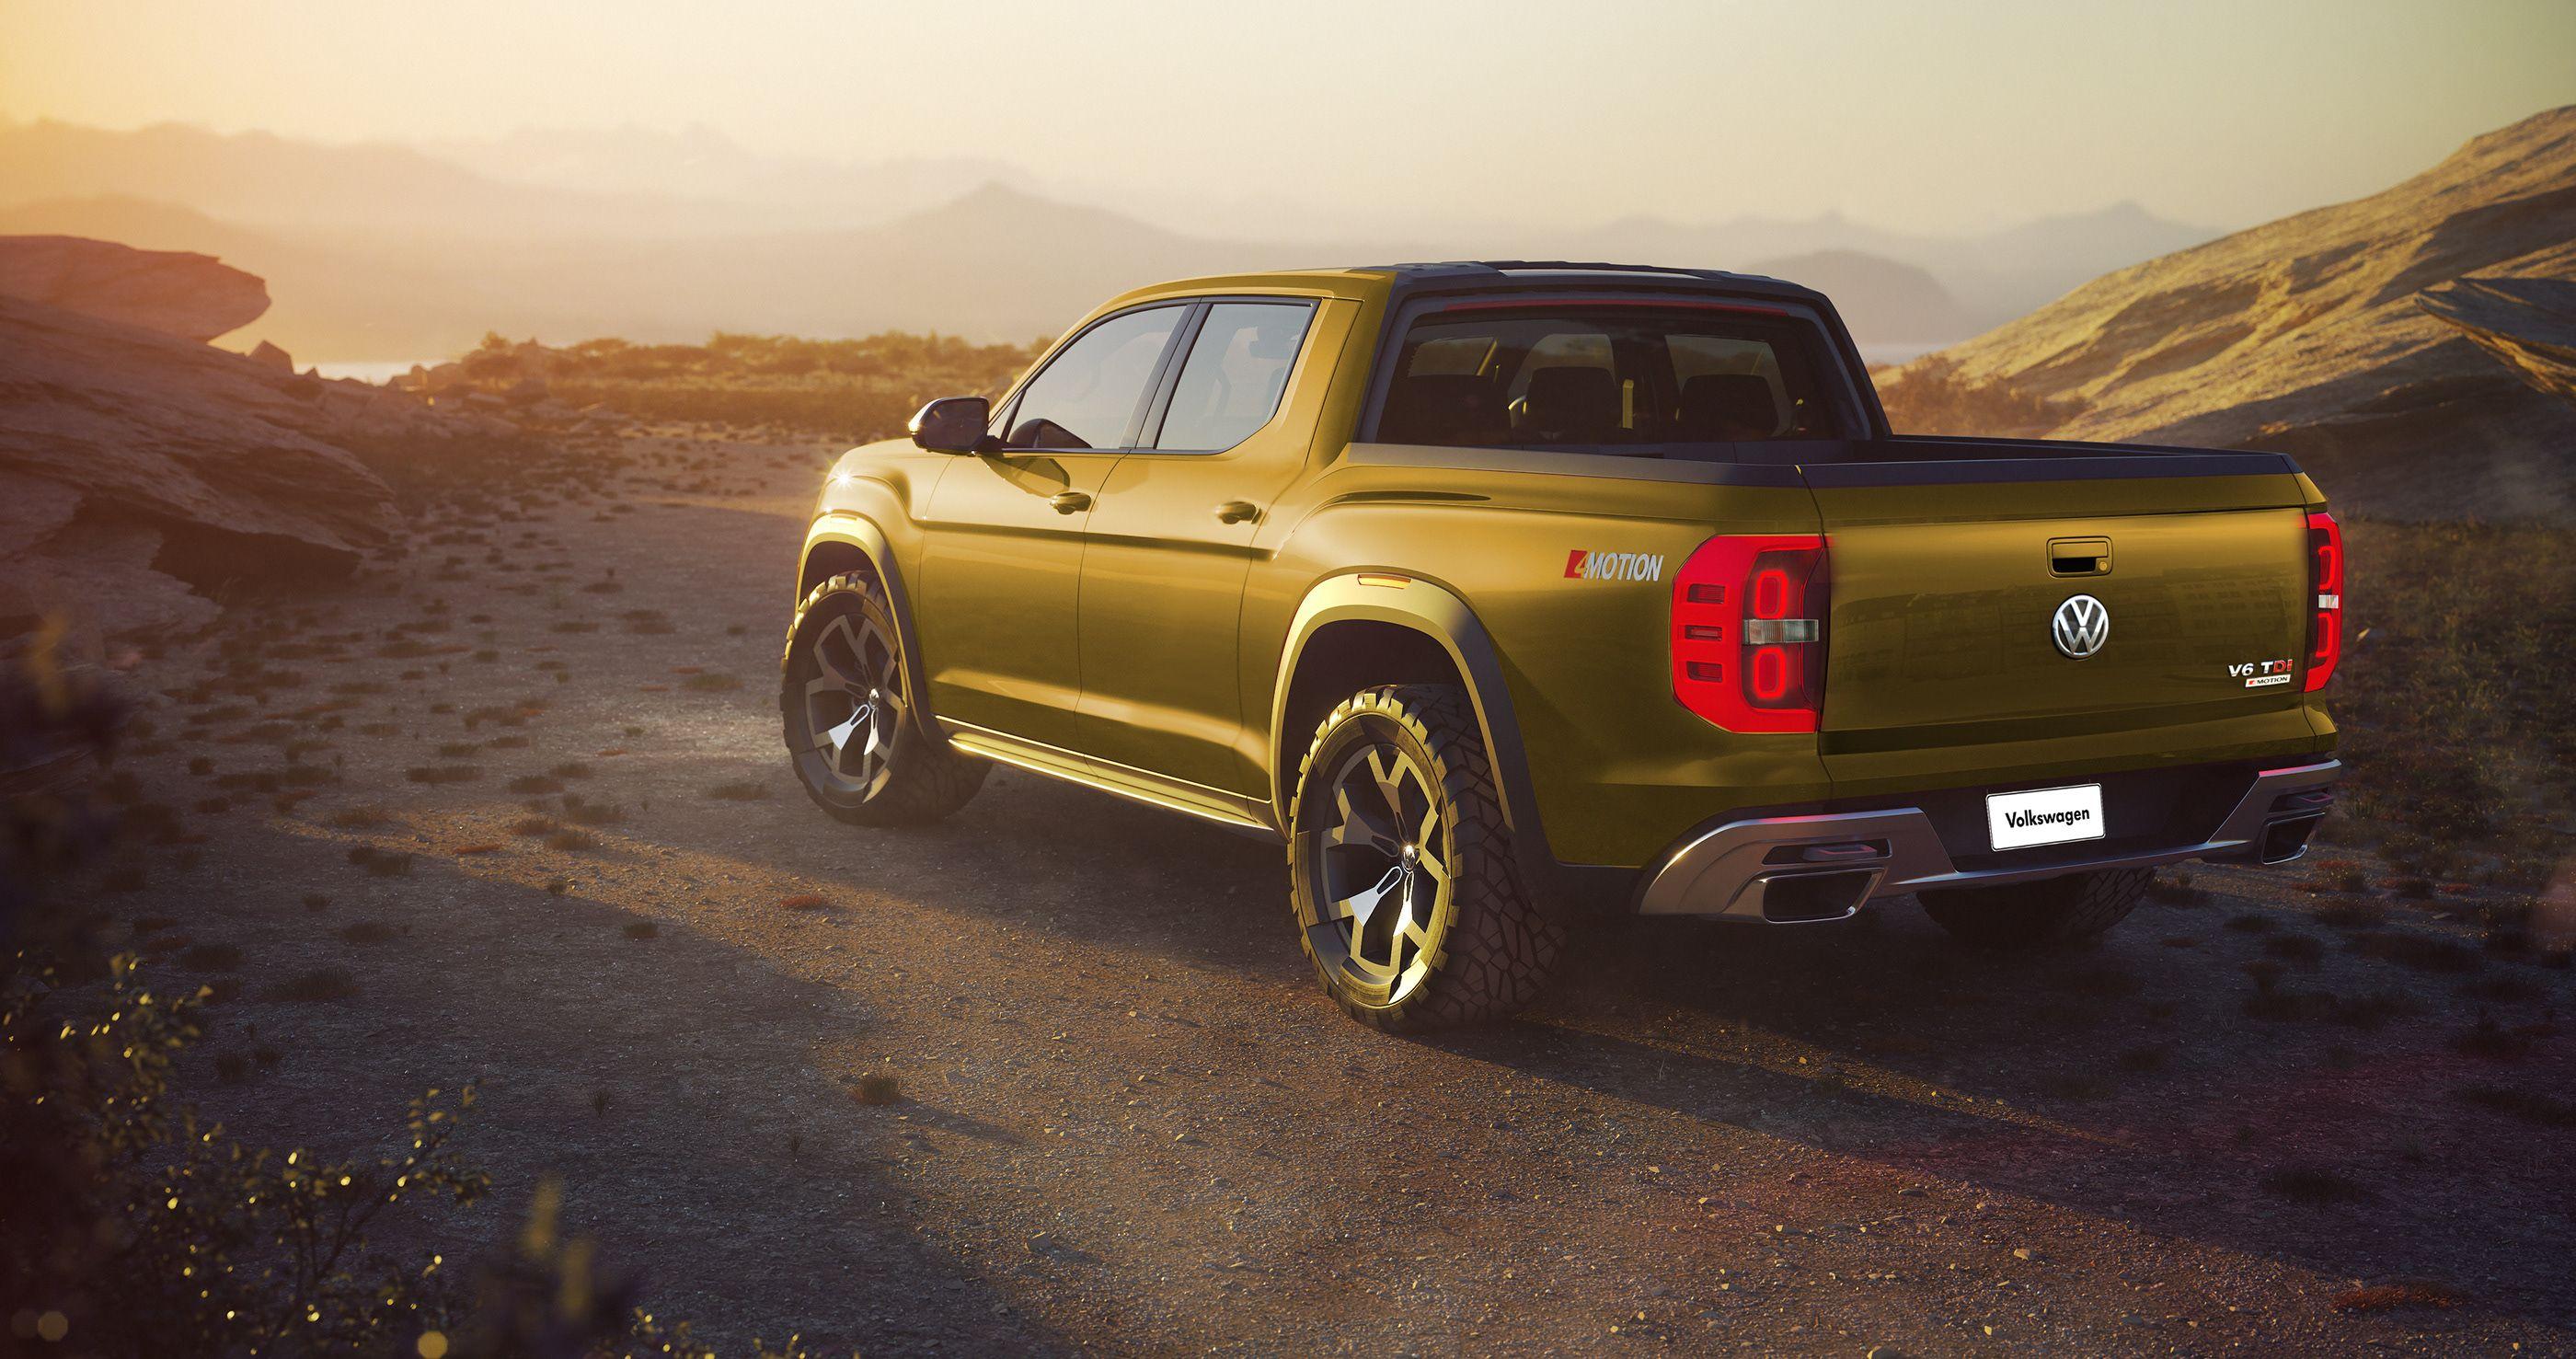 VW Atlas Tanoak pick up & Cross Sport on Behance